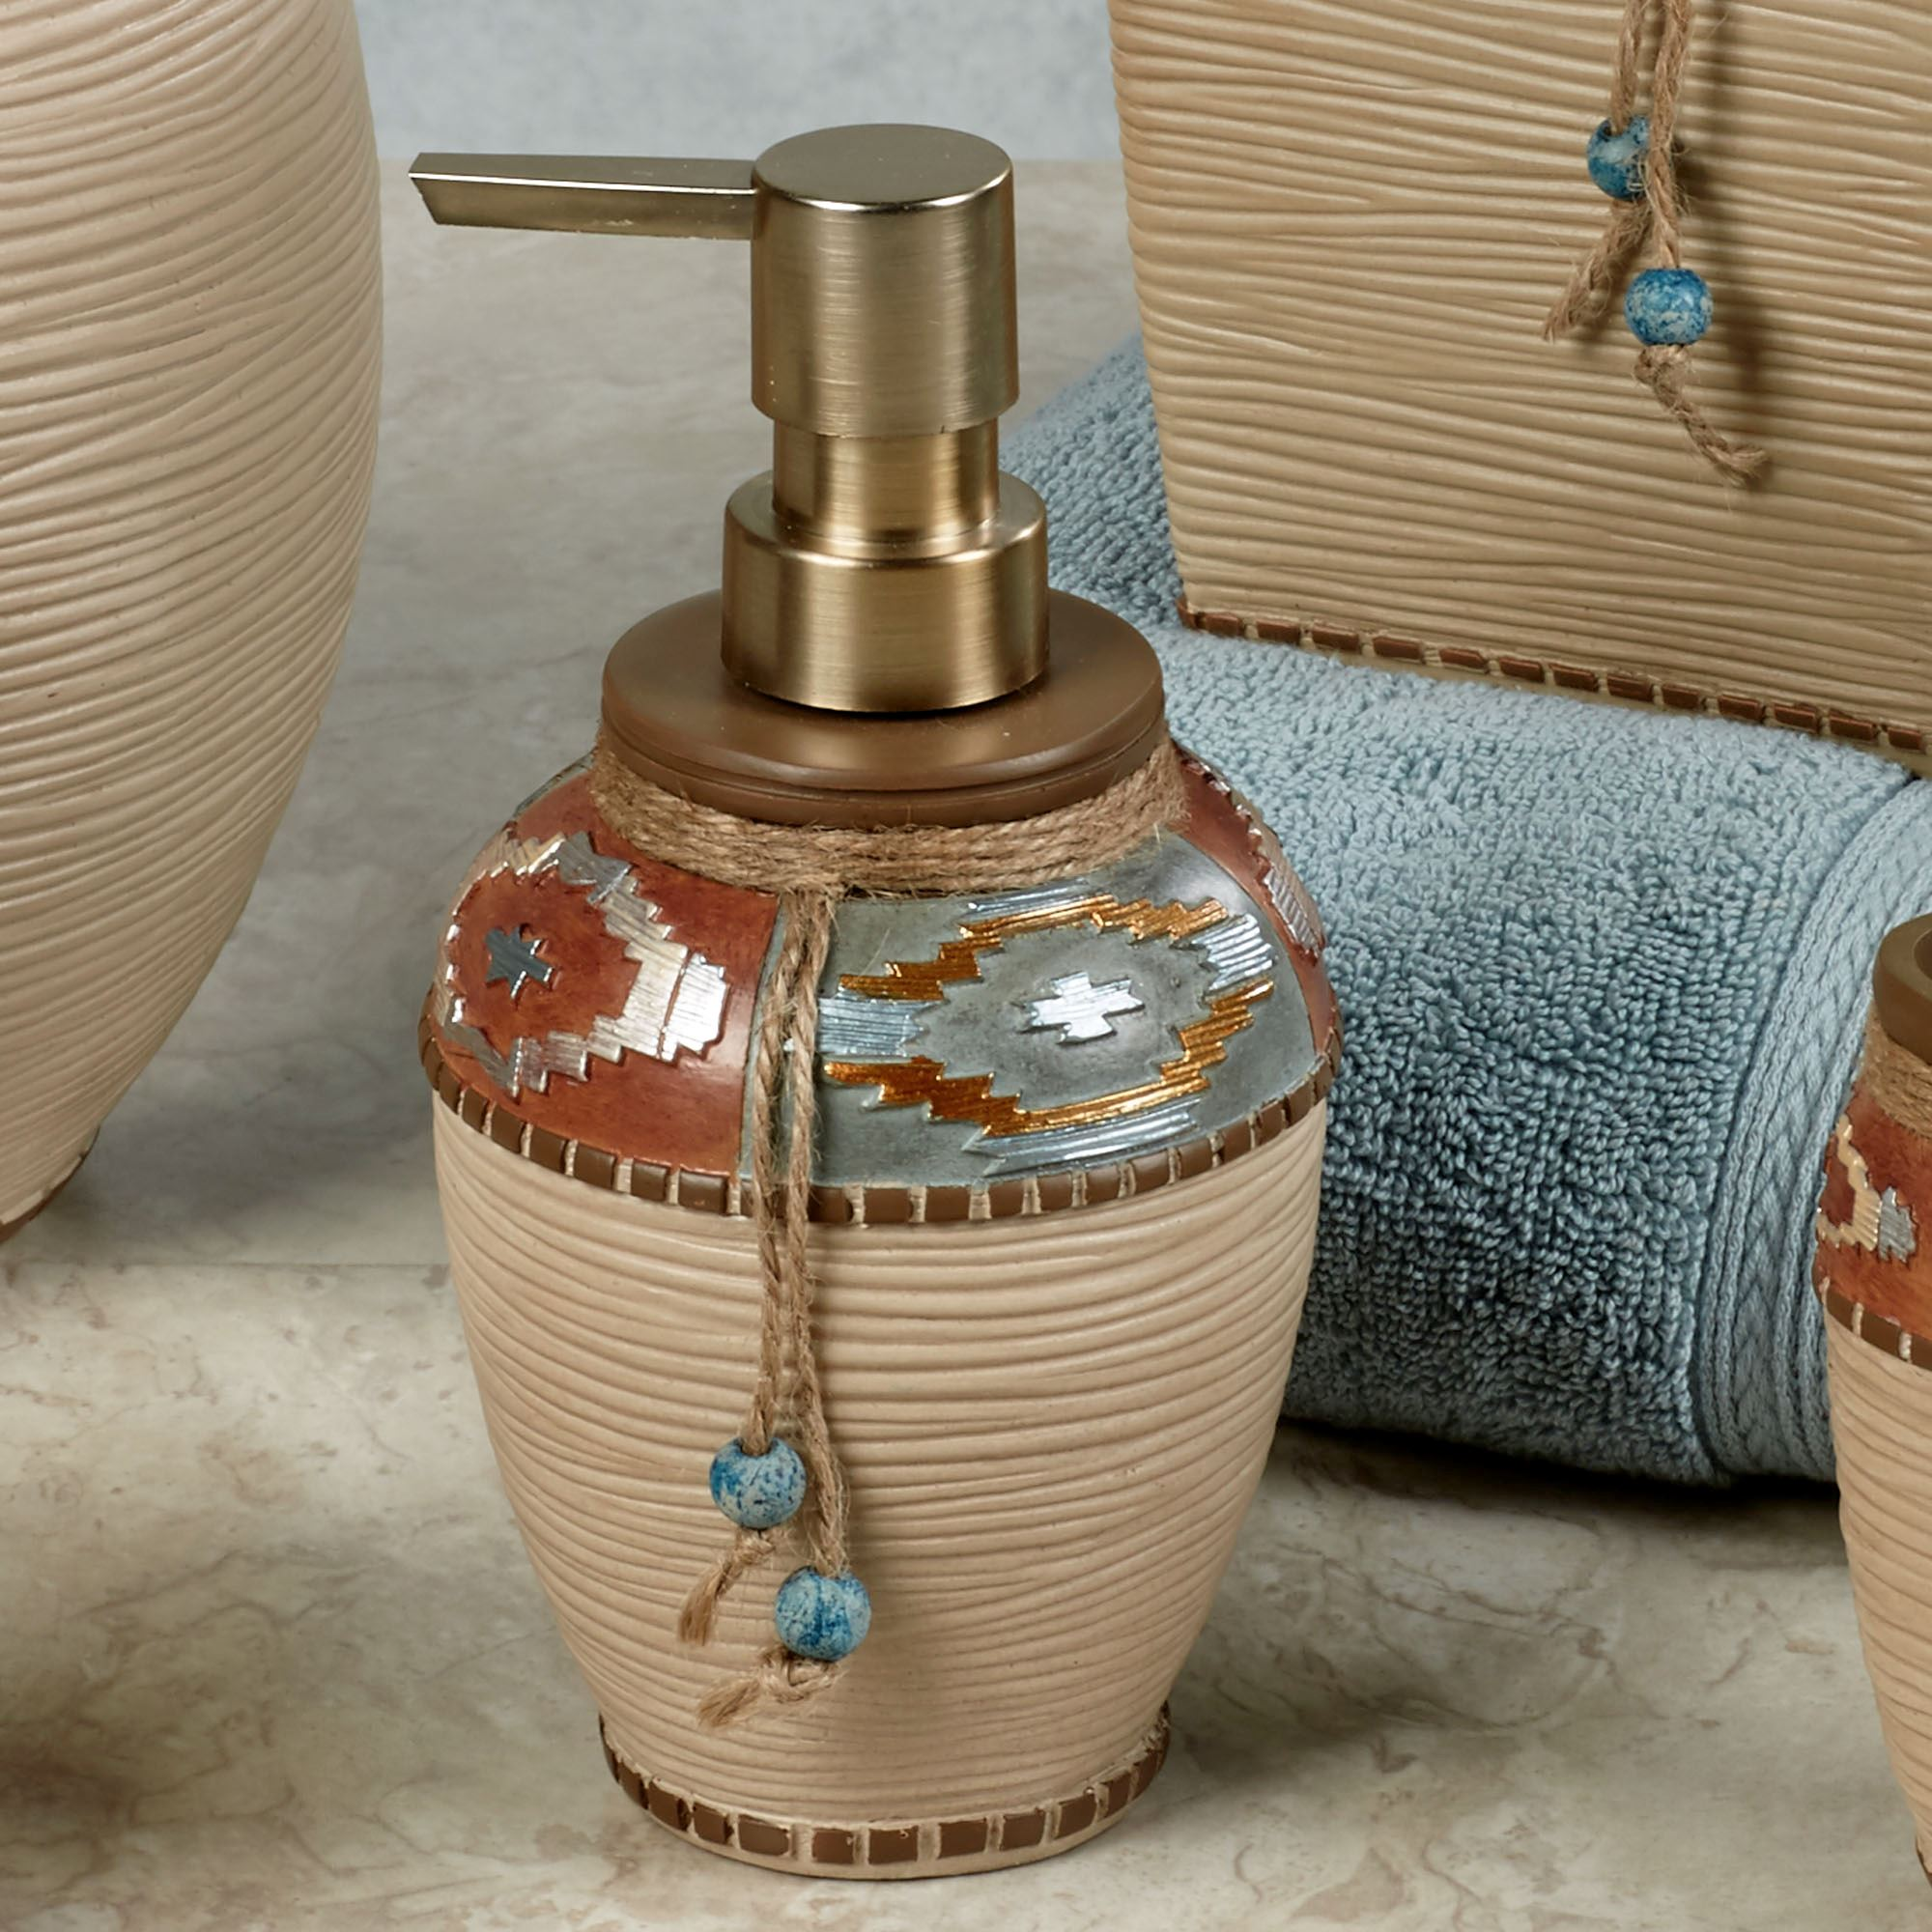 Kota Lotion Soap Dispenser Honey